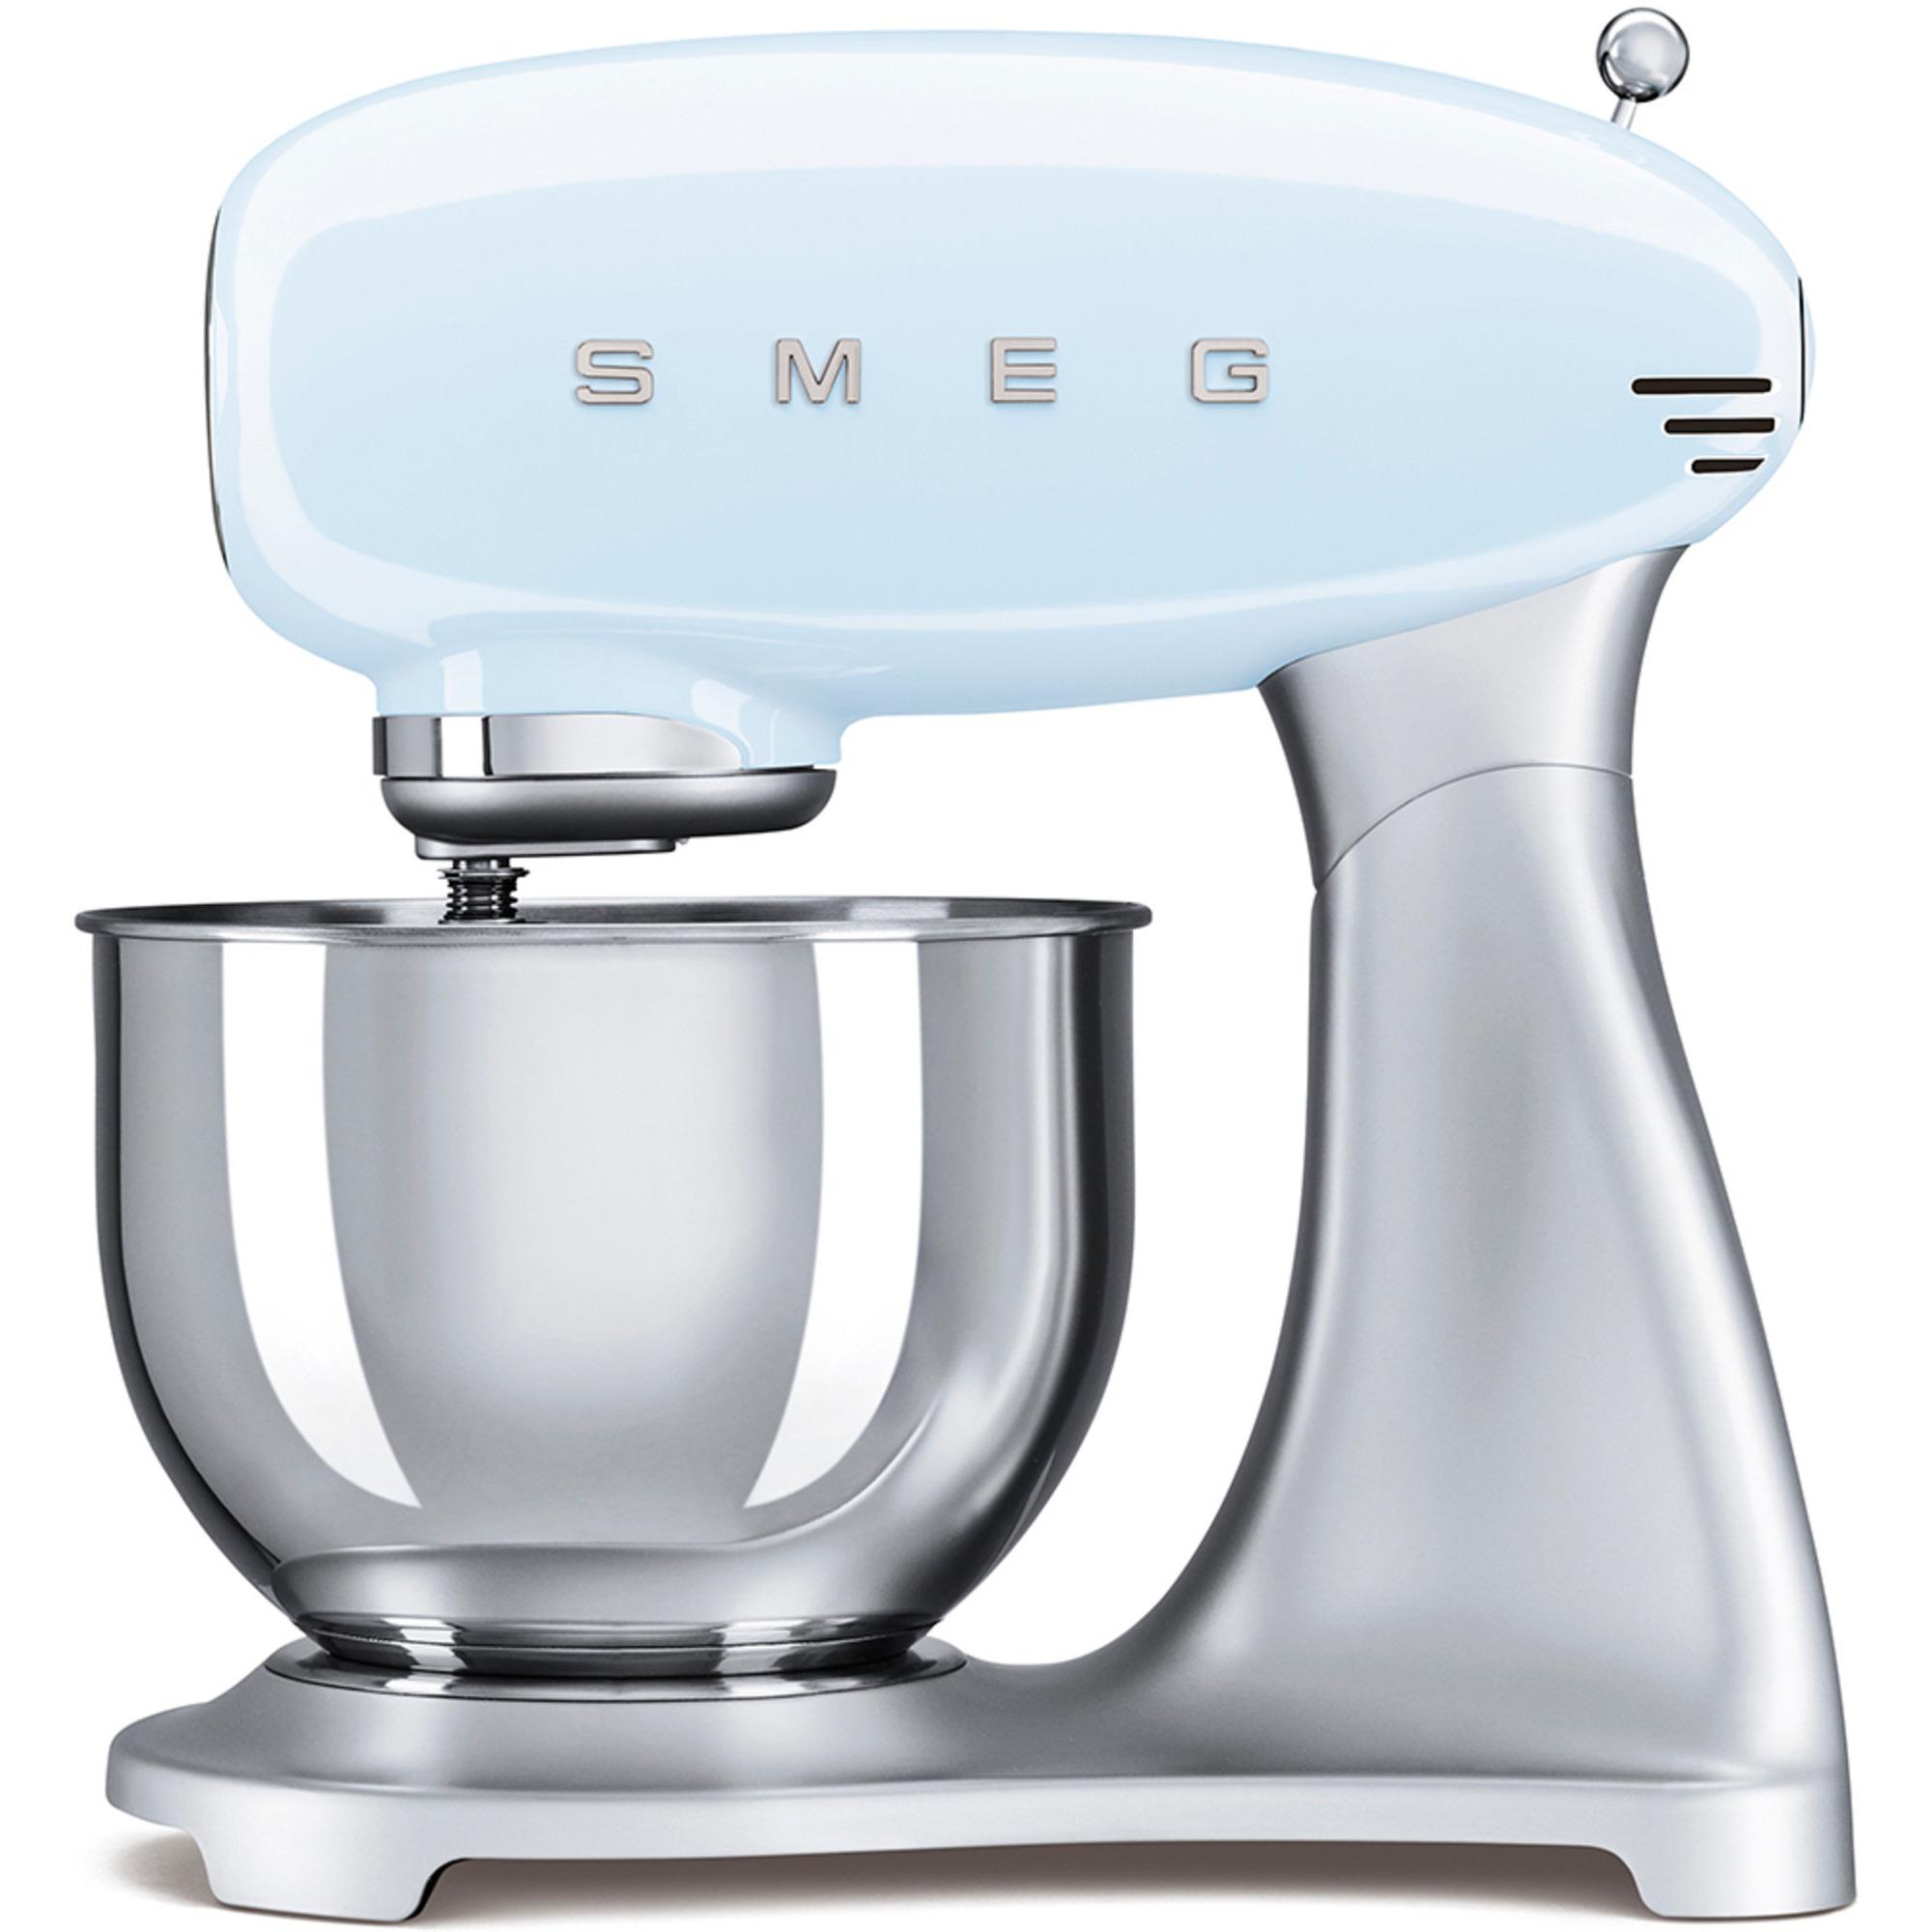 Smeg Köksmaskin 4.8L – Pastellblå